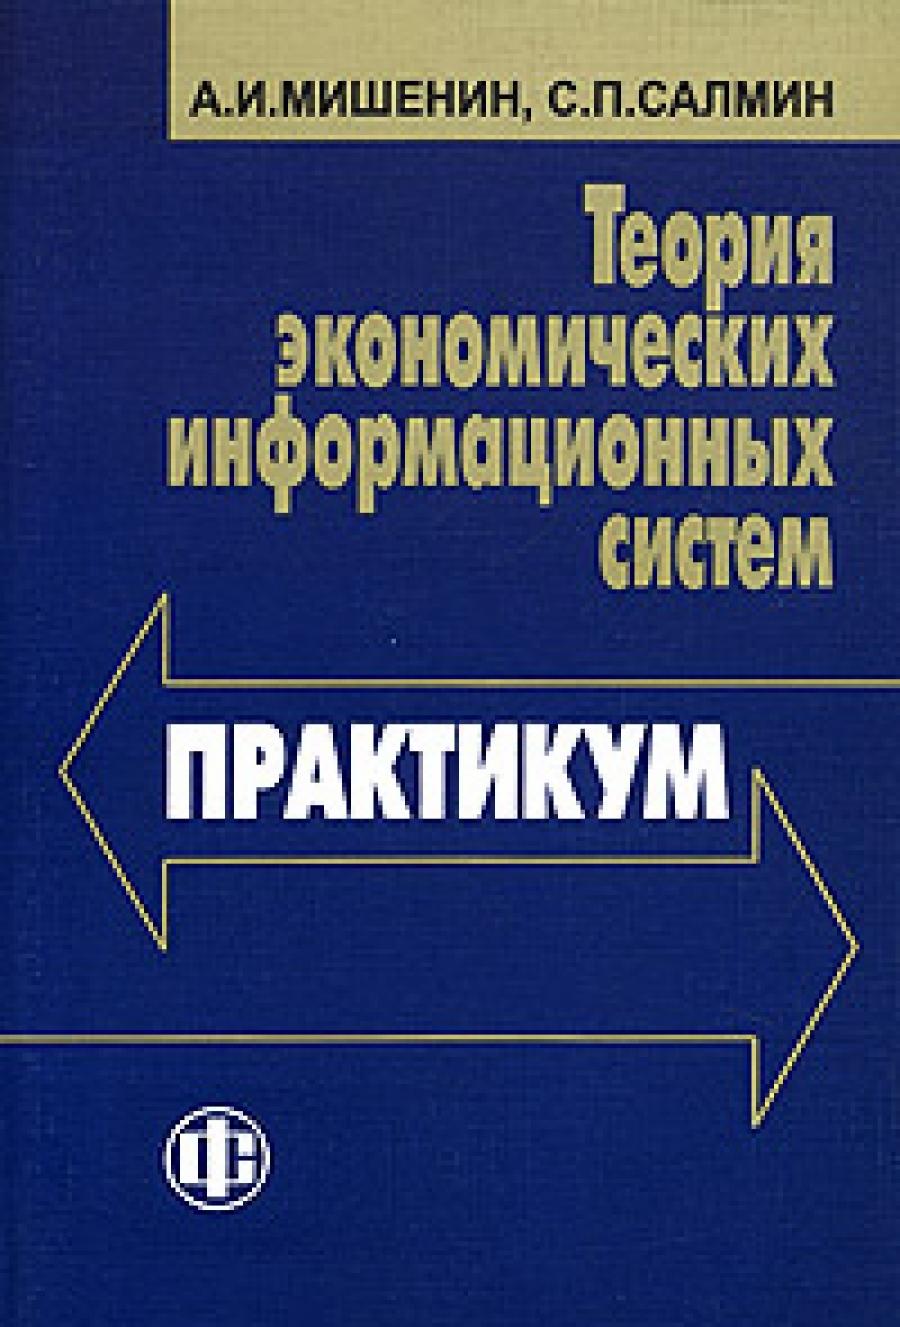 Обложка книги:  мишенин а.и. , салмин с.п. - теория экономических информационных систем. практикум